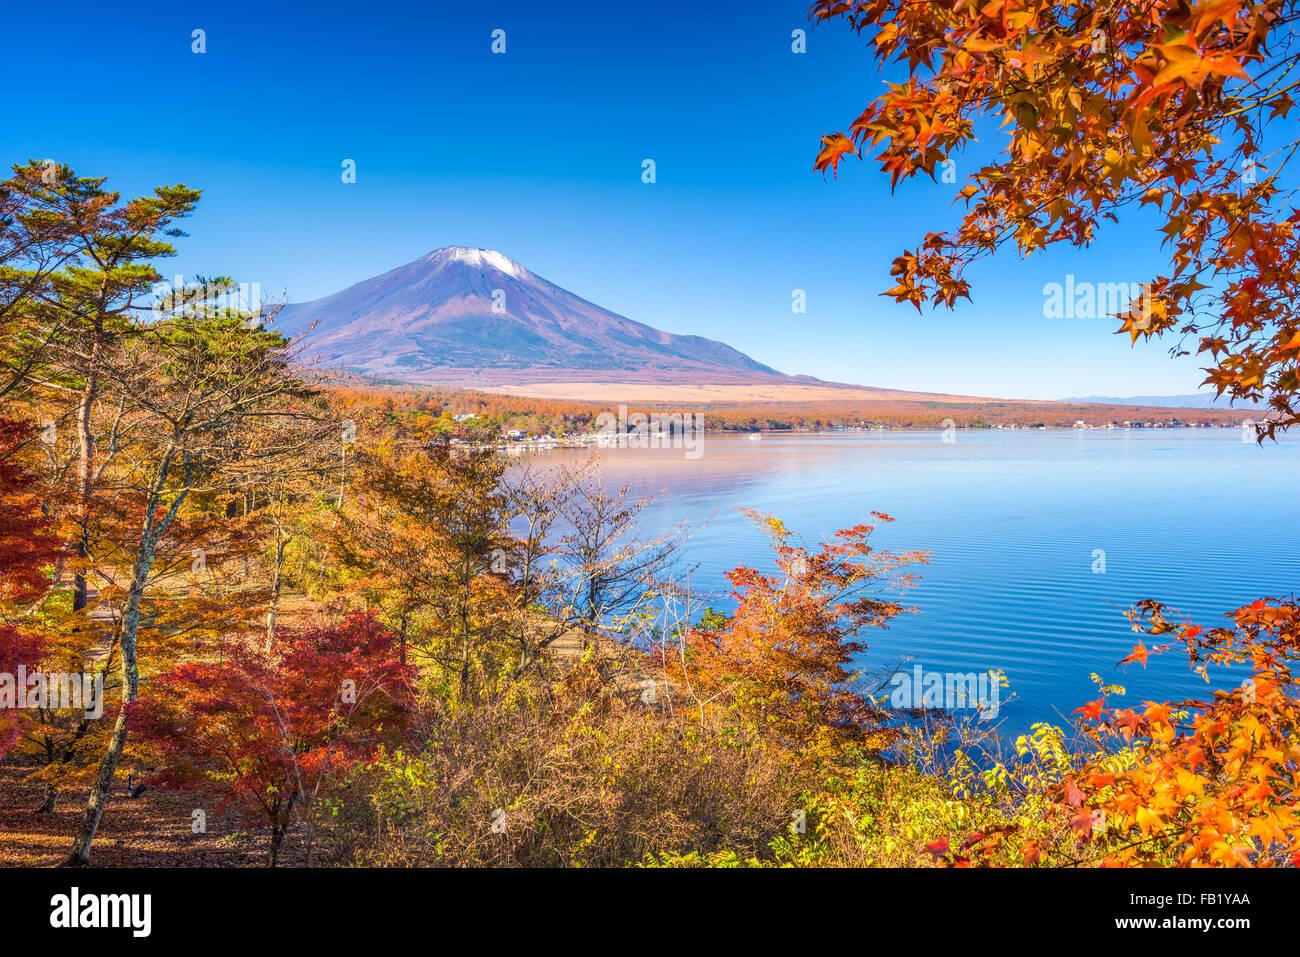 Mt. Fuji, Japón desde el lago Yamanaka en otoño. Imagen De Stock